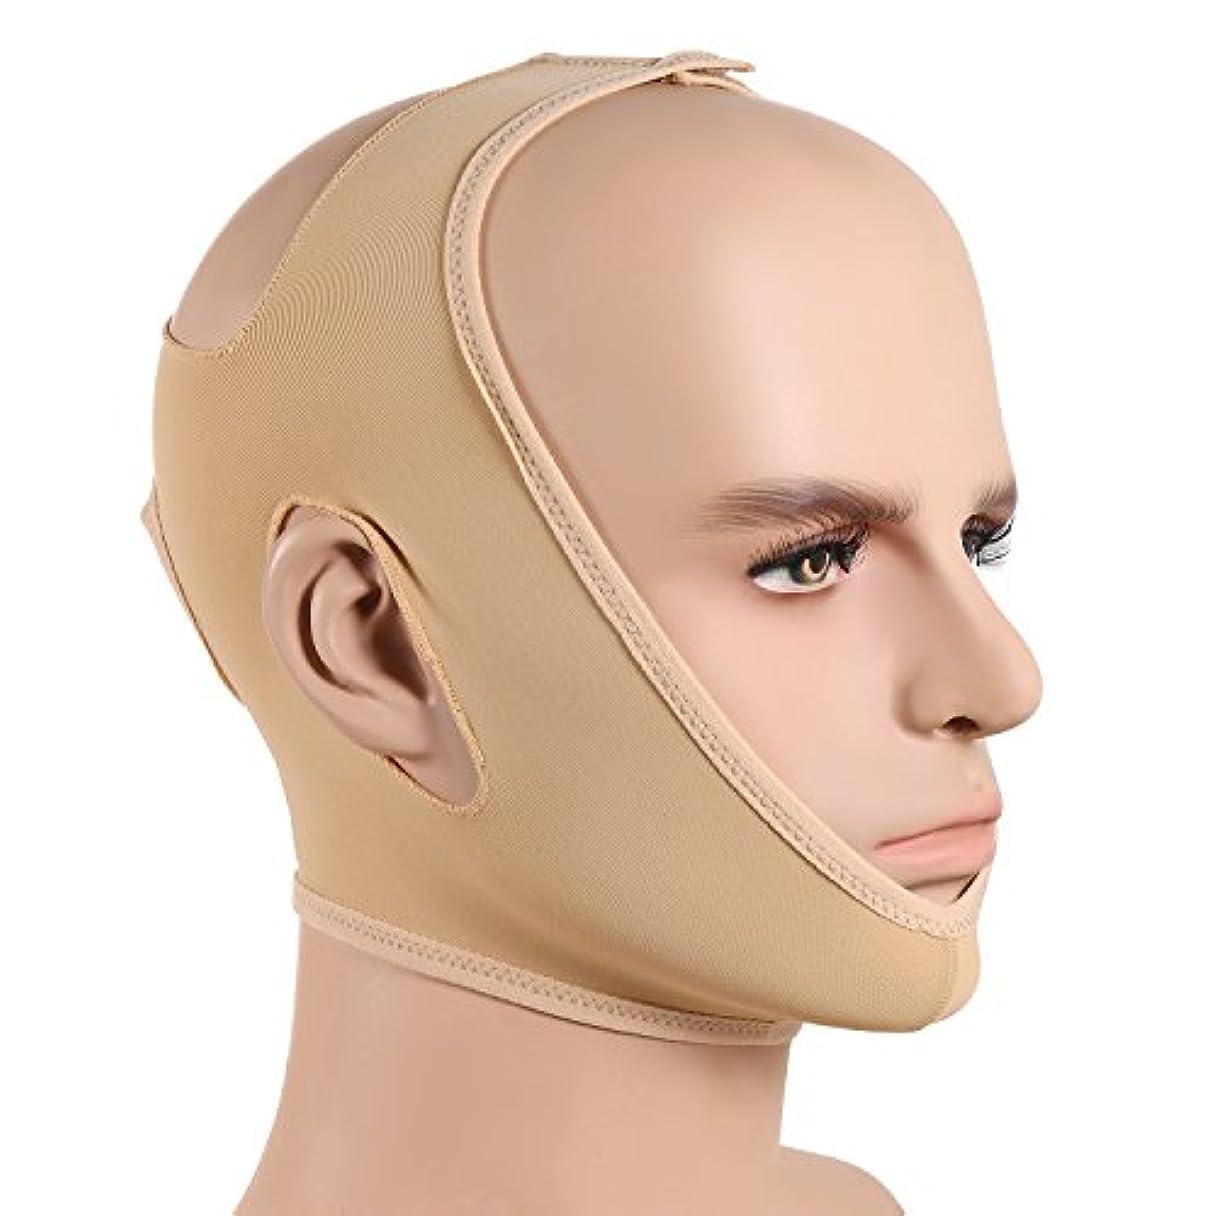 排泄する召喚する類推JewelryWe 小顔ベルト 美顔マスク 眠りながら 小顔 矯正 額、顎下、頬リフトアップ 小顔マスク 男女兼用 Lサイズ